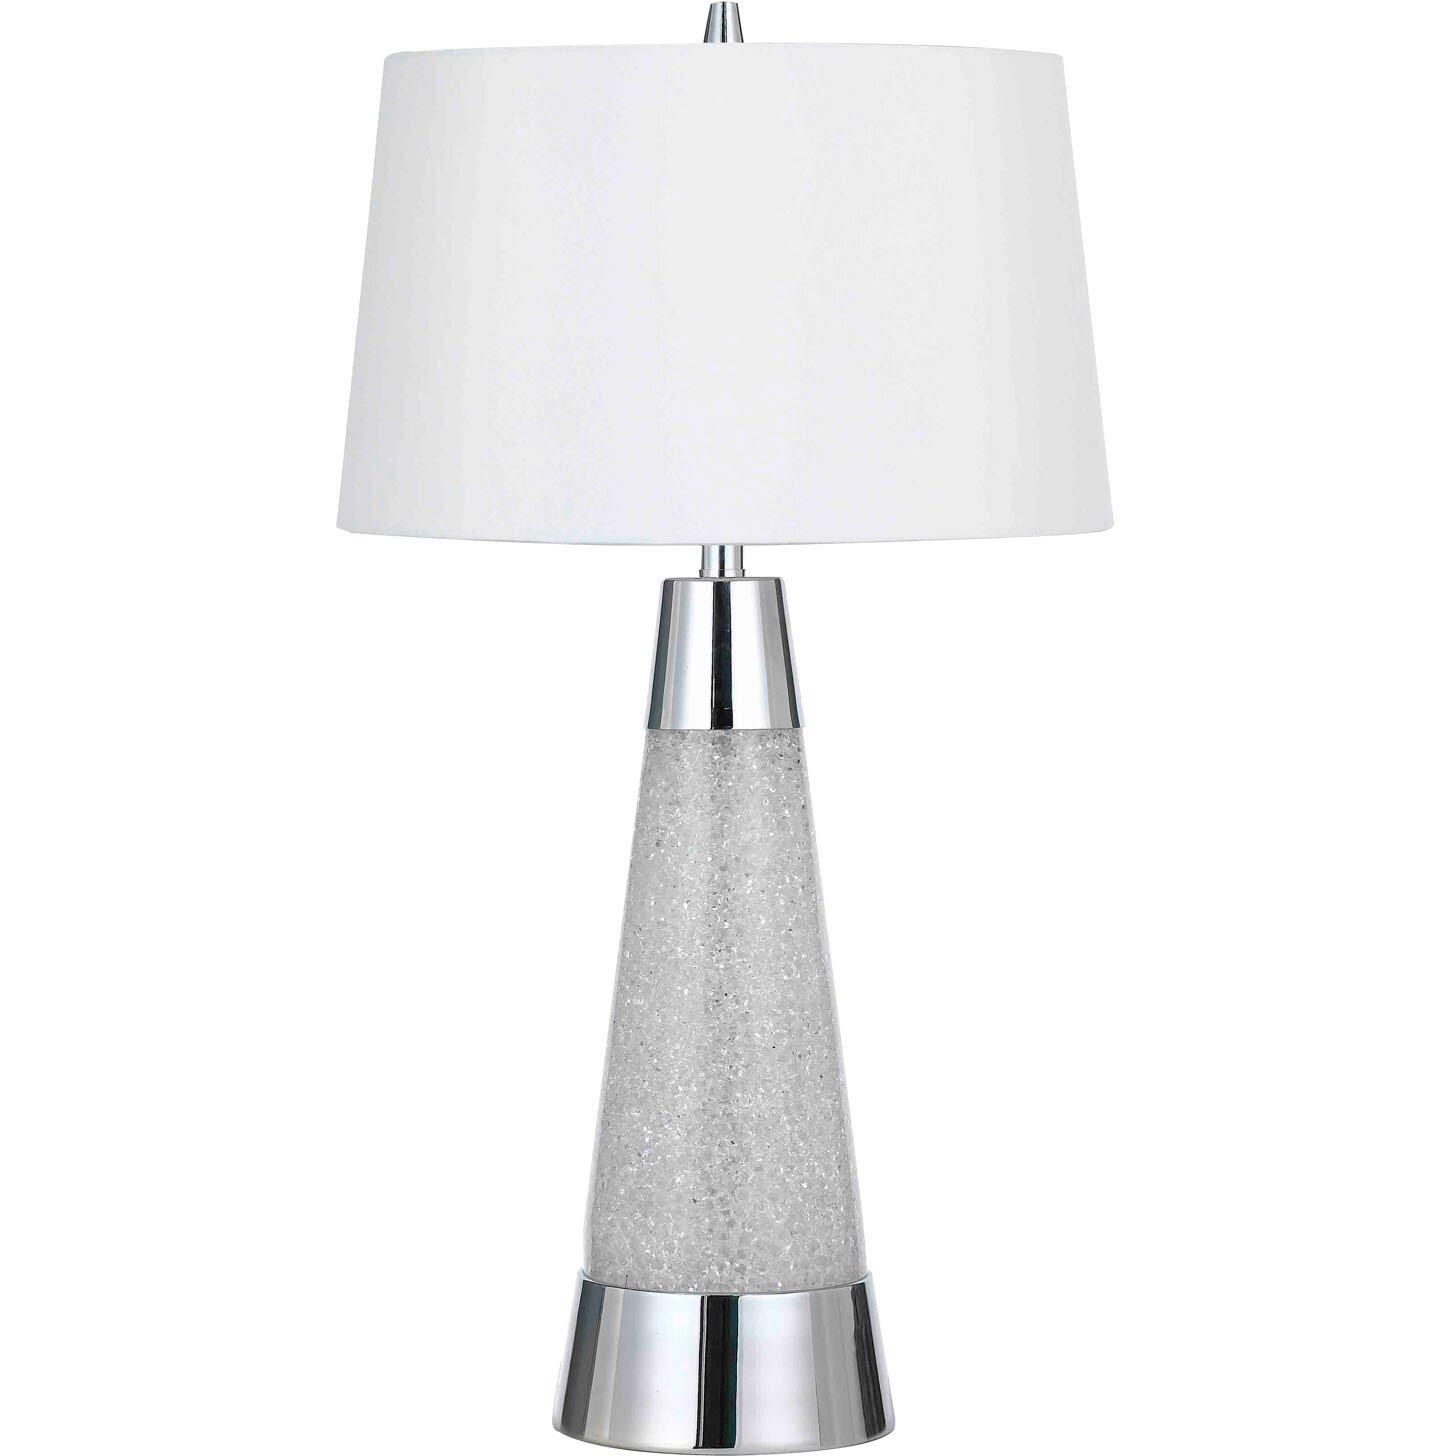 AF Lighting Bling 275quot Table Lamp Wayfair : AF Lighting Bling 275 Table Lamp from www.wayfair.com size 1456 x 1456 jpeg 89kB